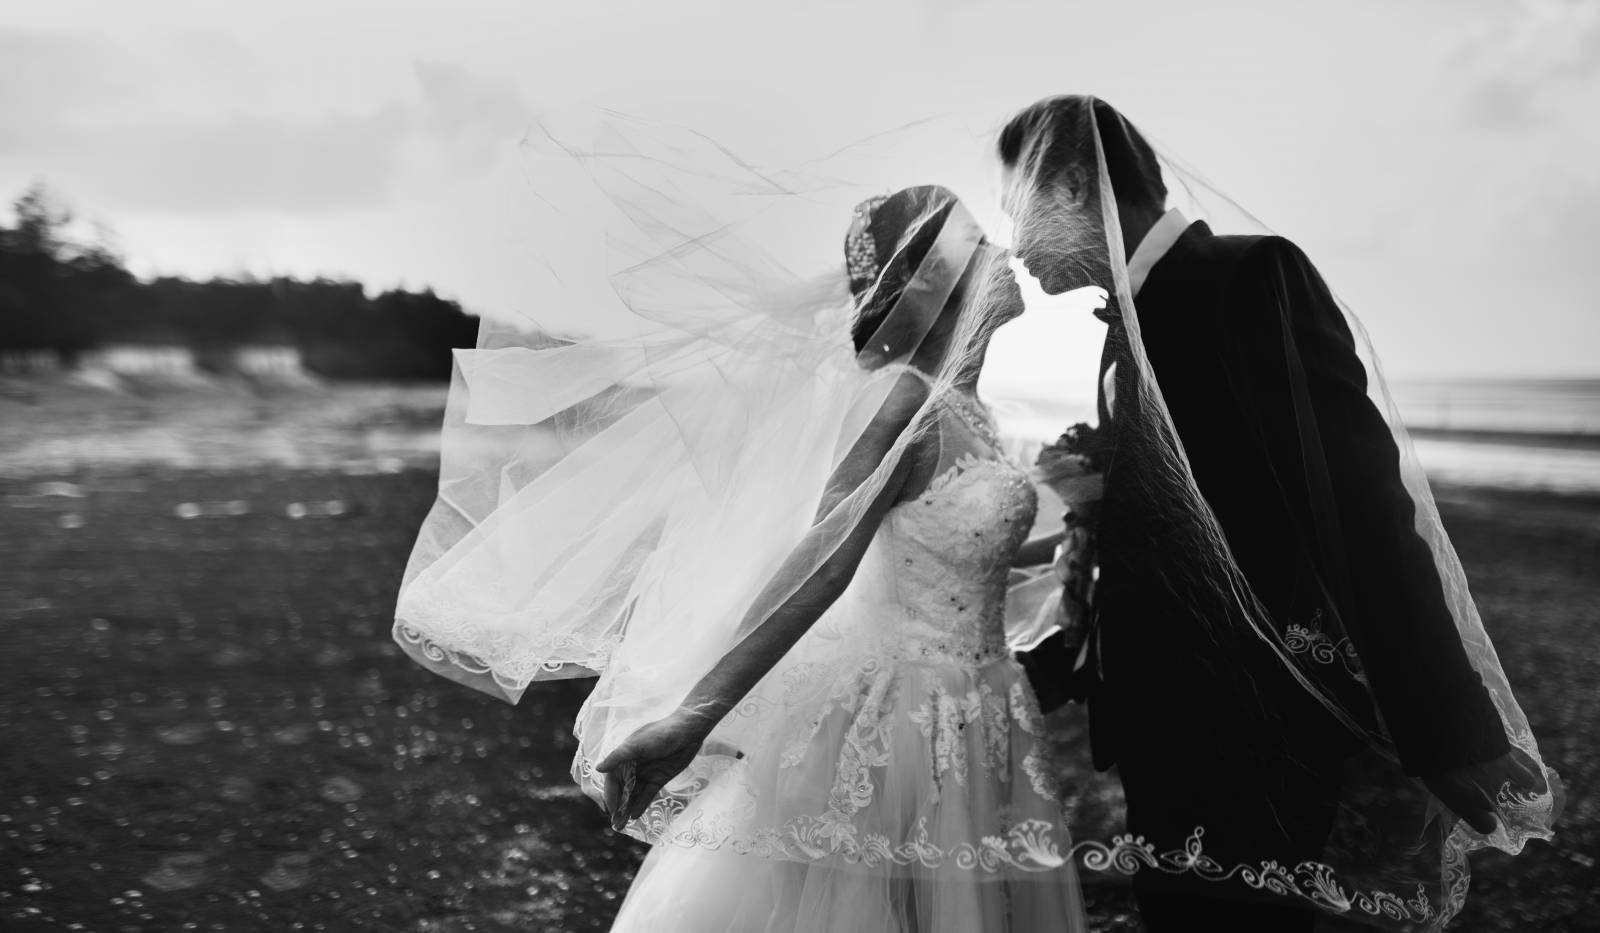 שמלה להשכיר > שמלות להשכרה בראשון לציון - עידן בלבן